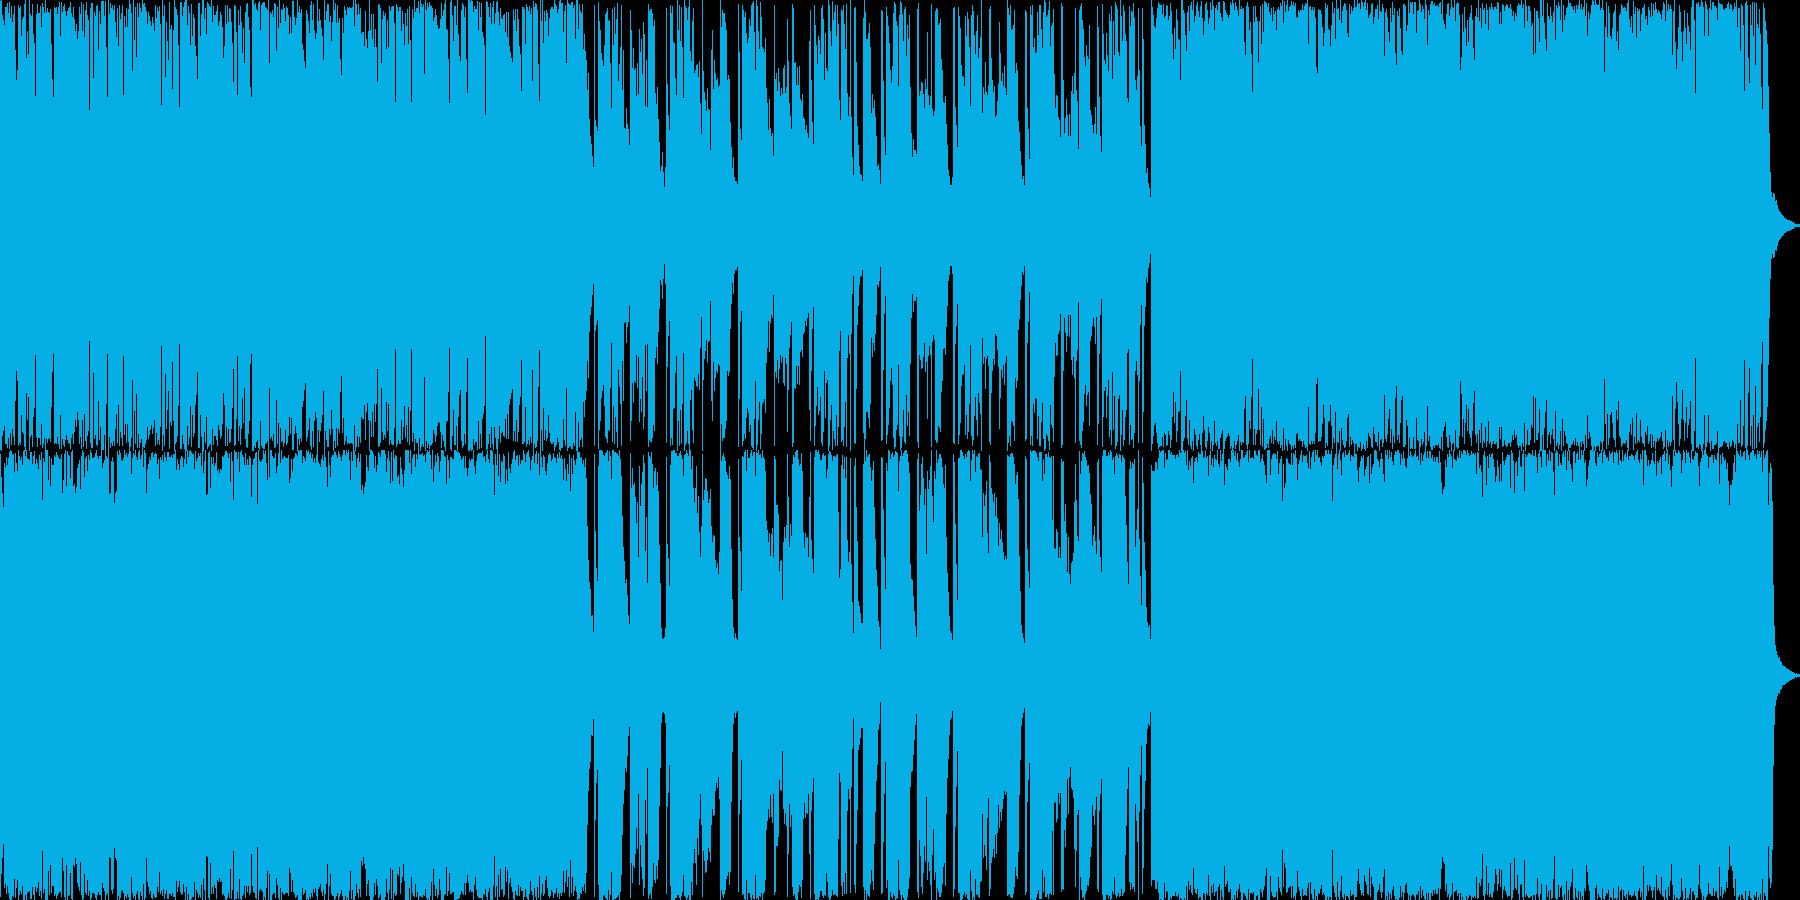 【メタル】怒りや悪意に満ちた重い雰囲気の再生済みの波形